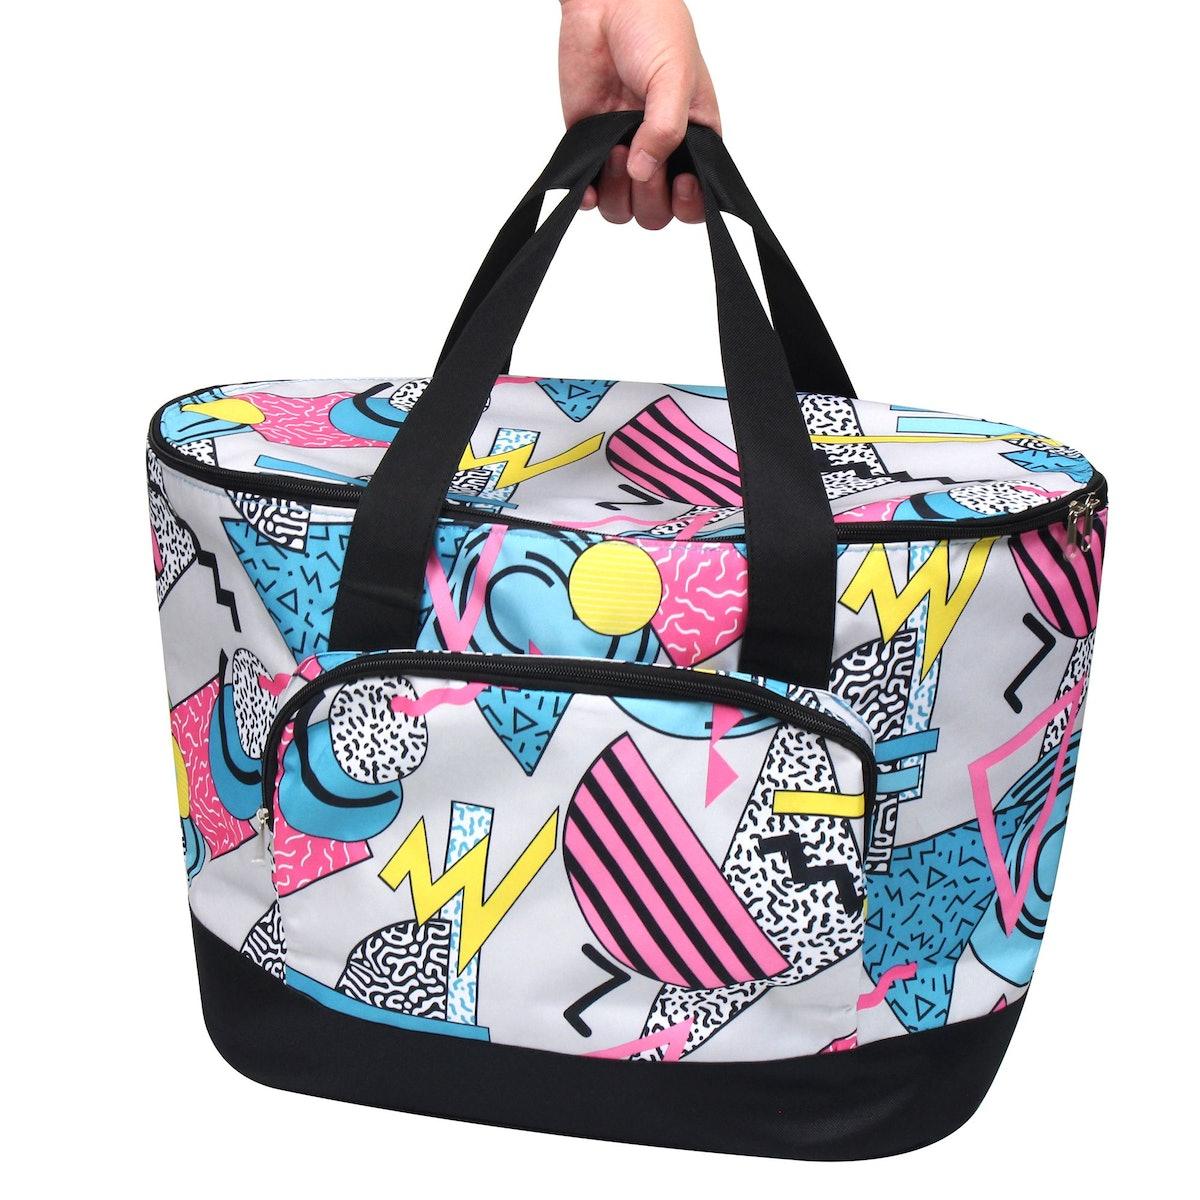 Large Beach Cooler Bag